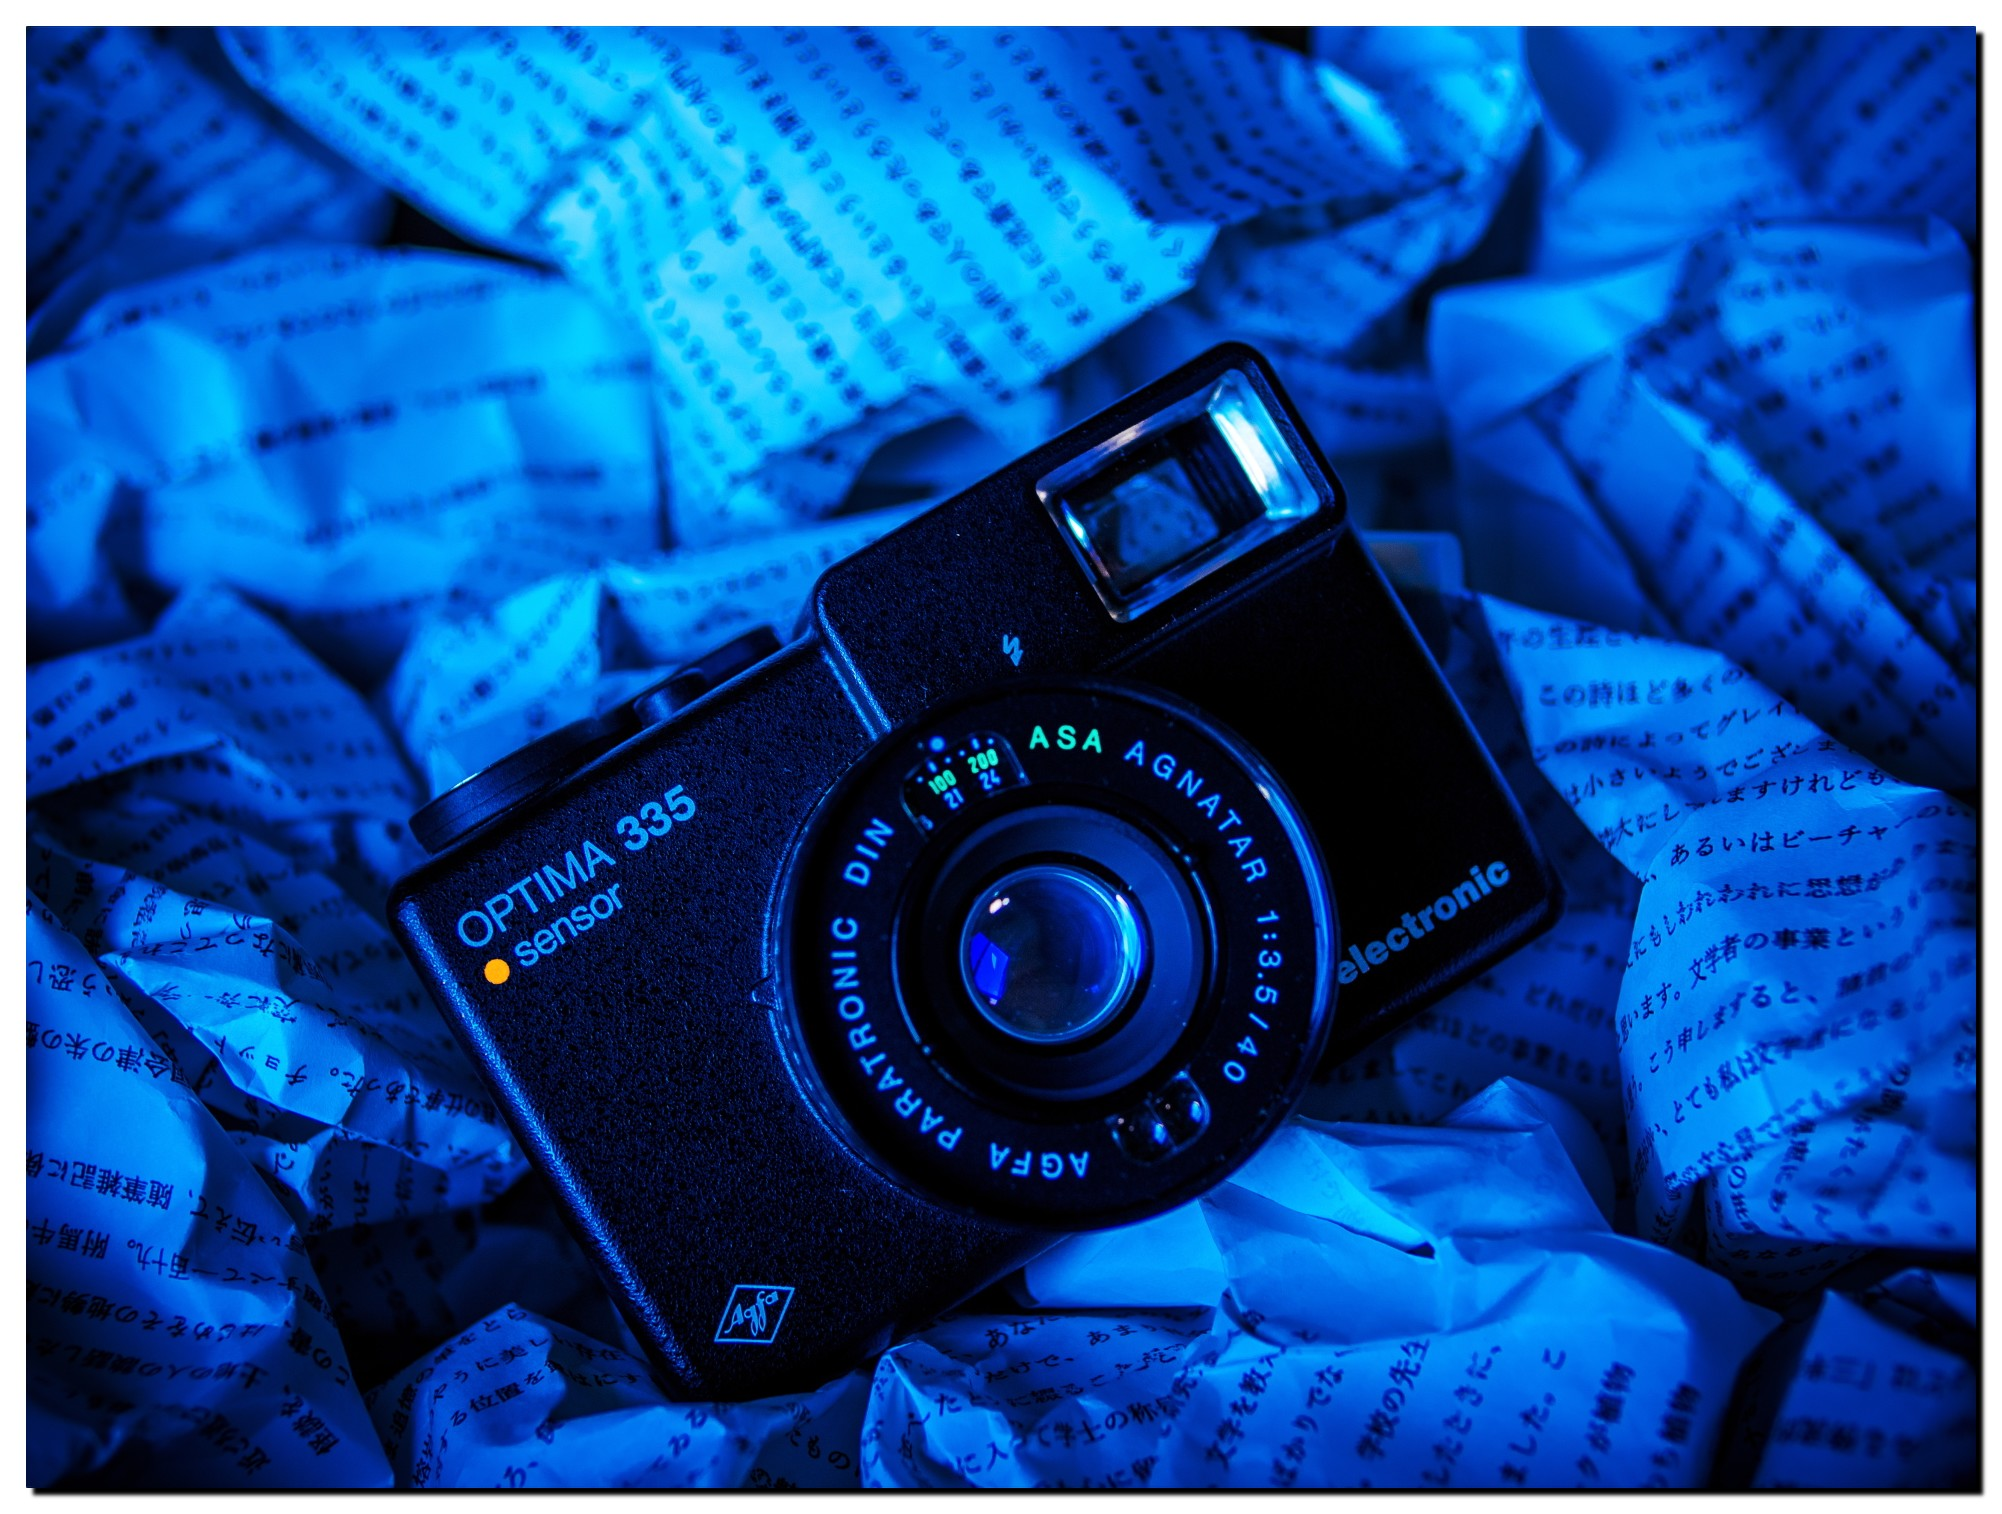 02LR-PF135656-Edit-3.jpg